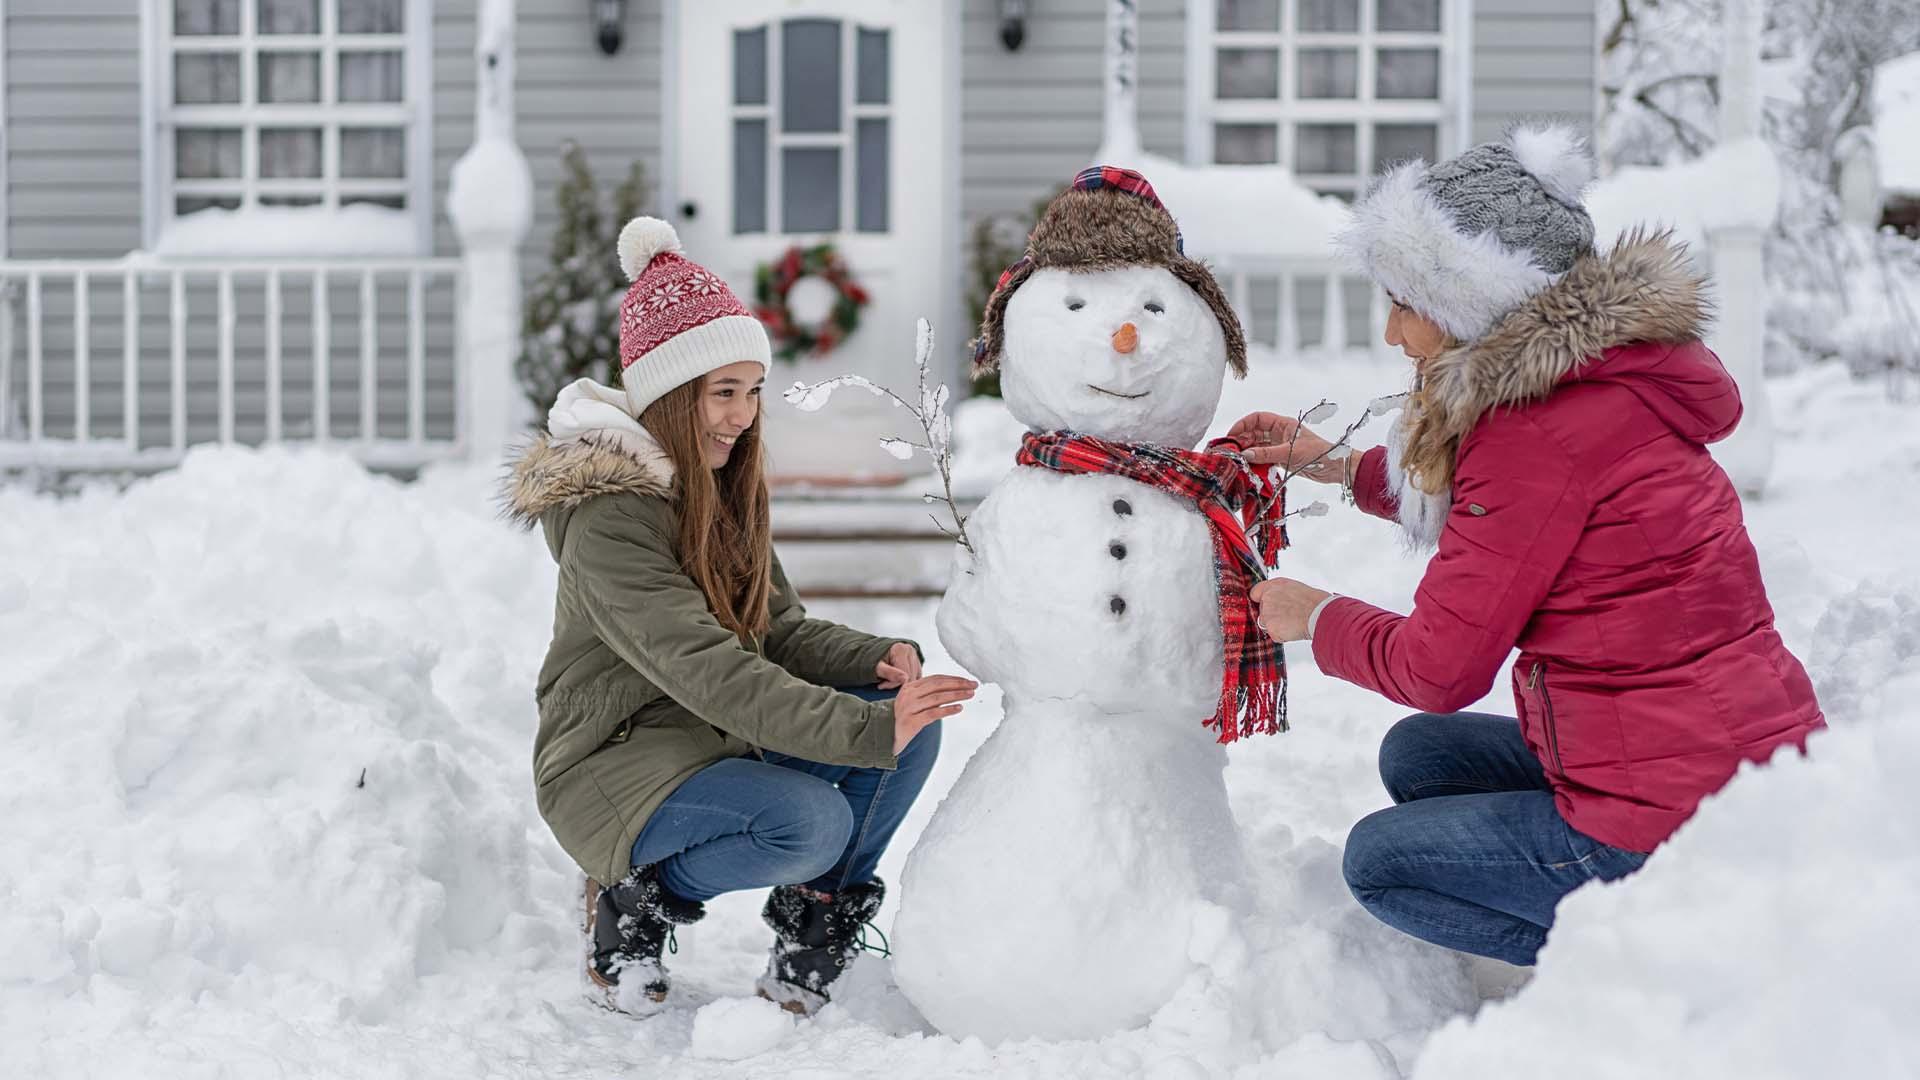 family in winter backyard